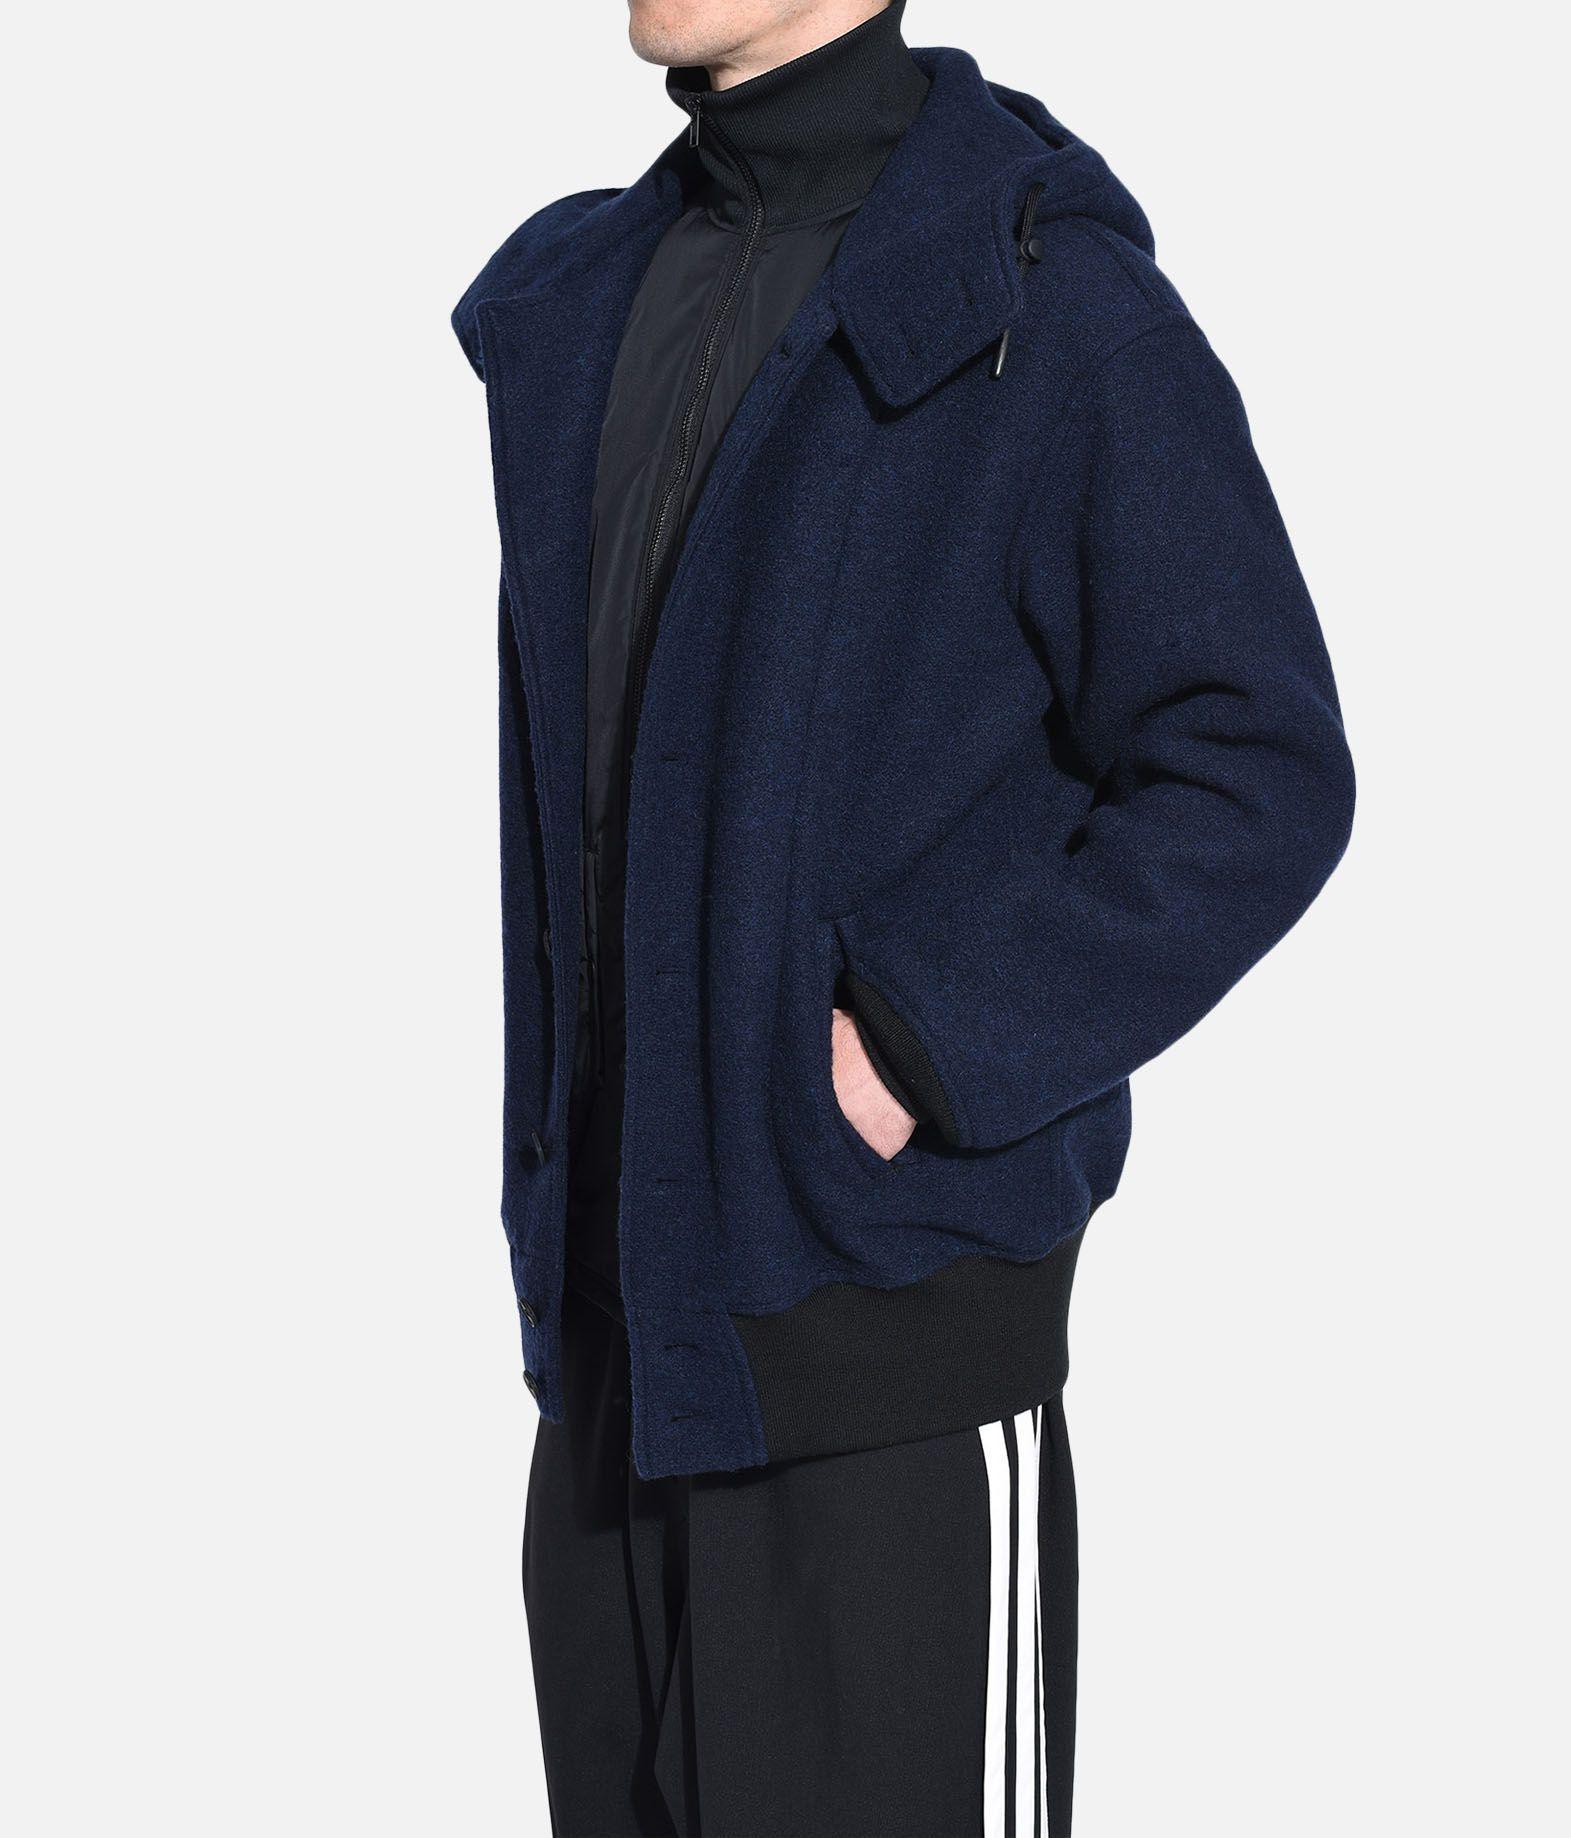 Y-3 Y-3 Wool Jacket フォーマルジャケット メンズ e